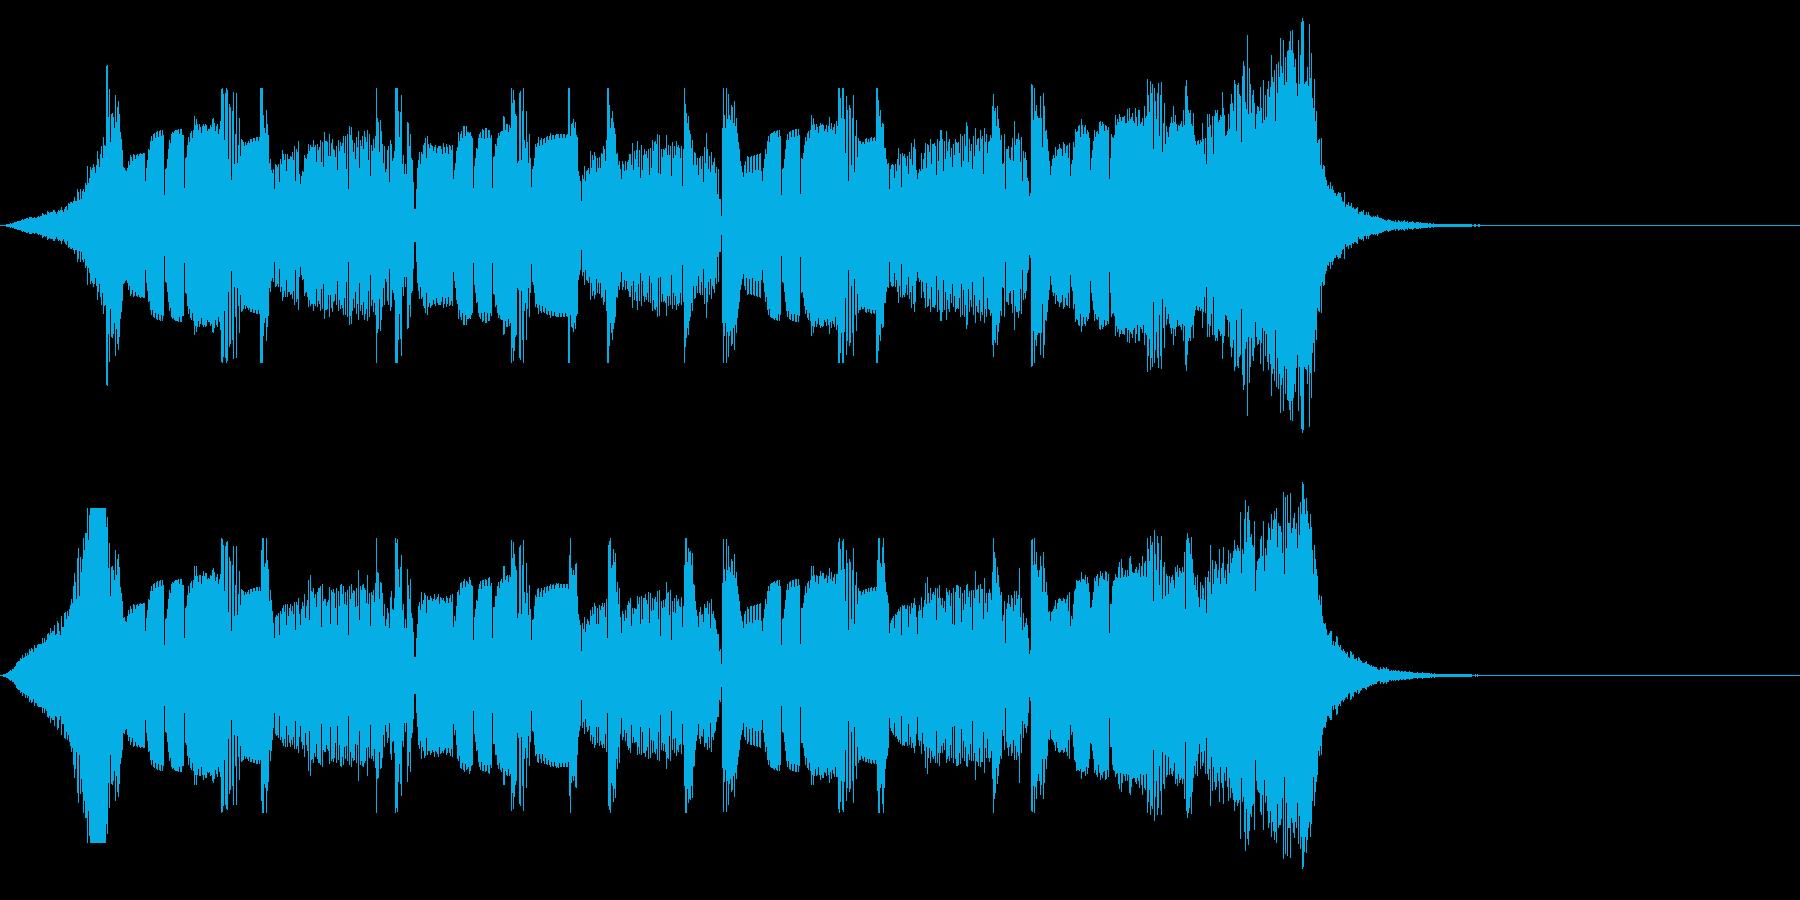 ちょっと不穏でコミカルな長めジングルの再生済みの波形